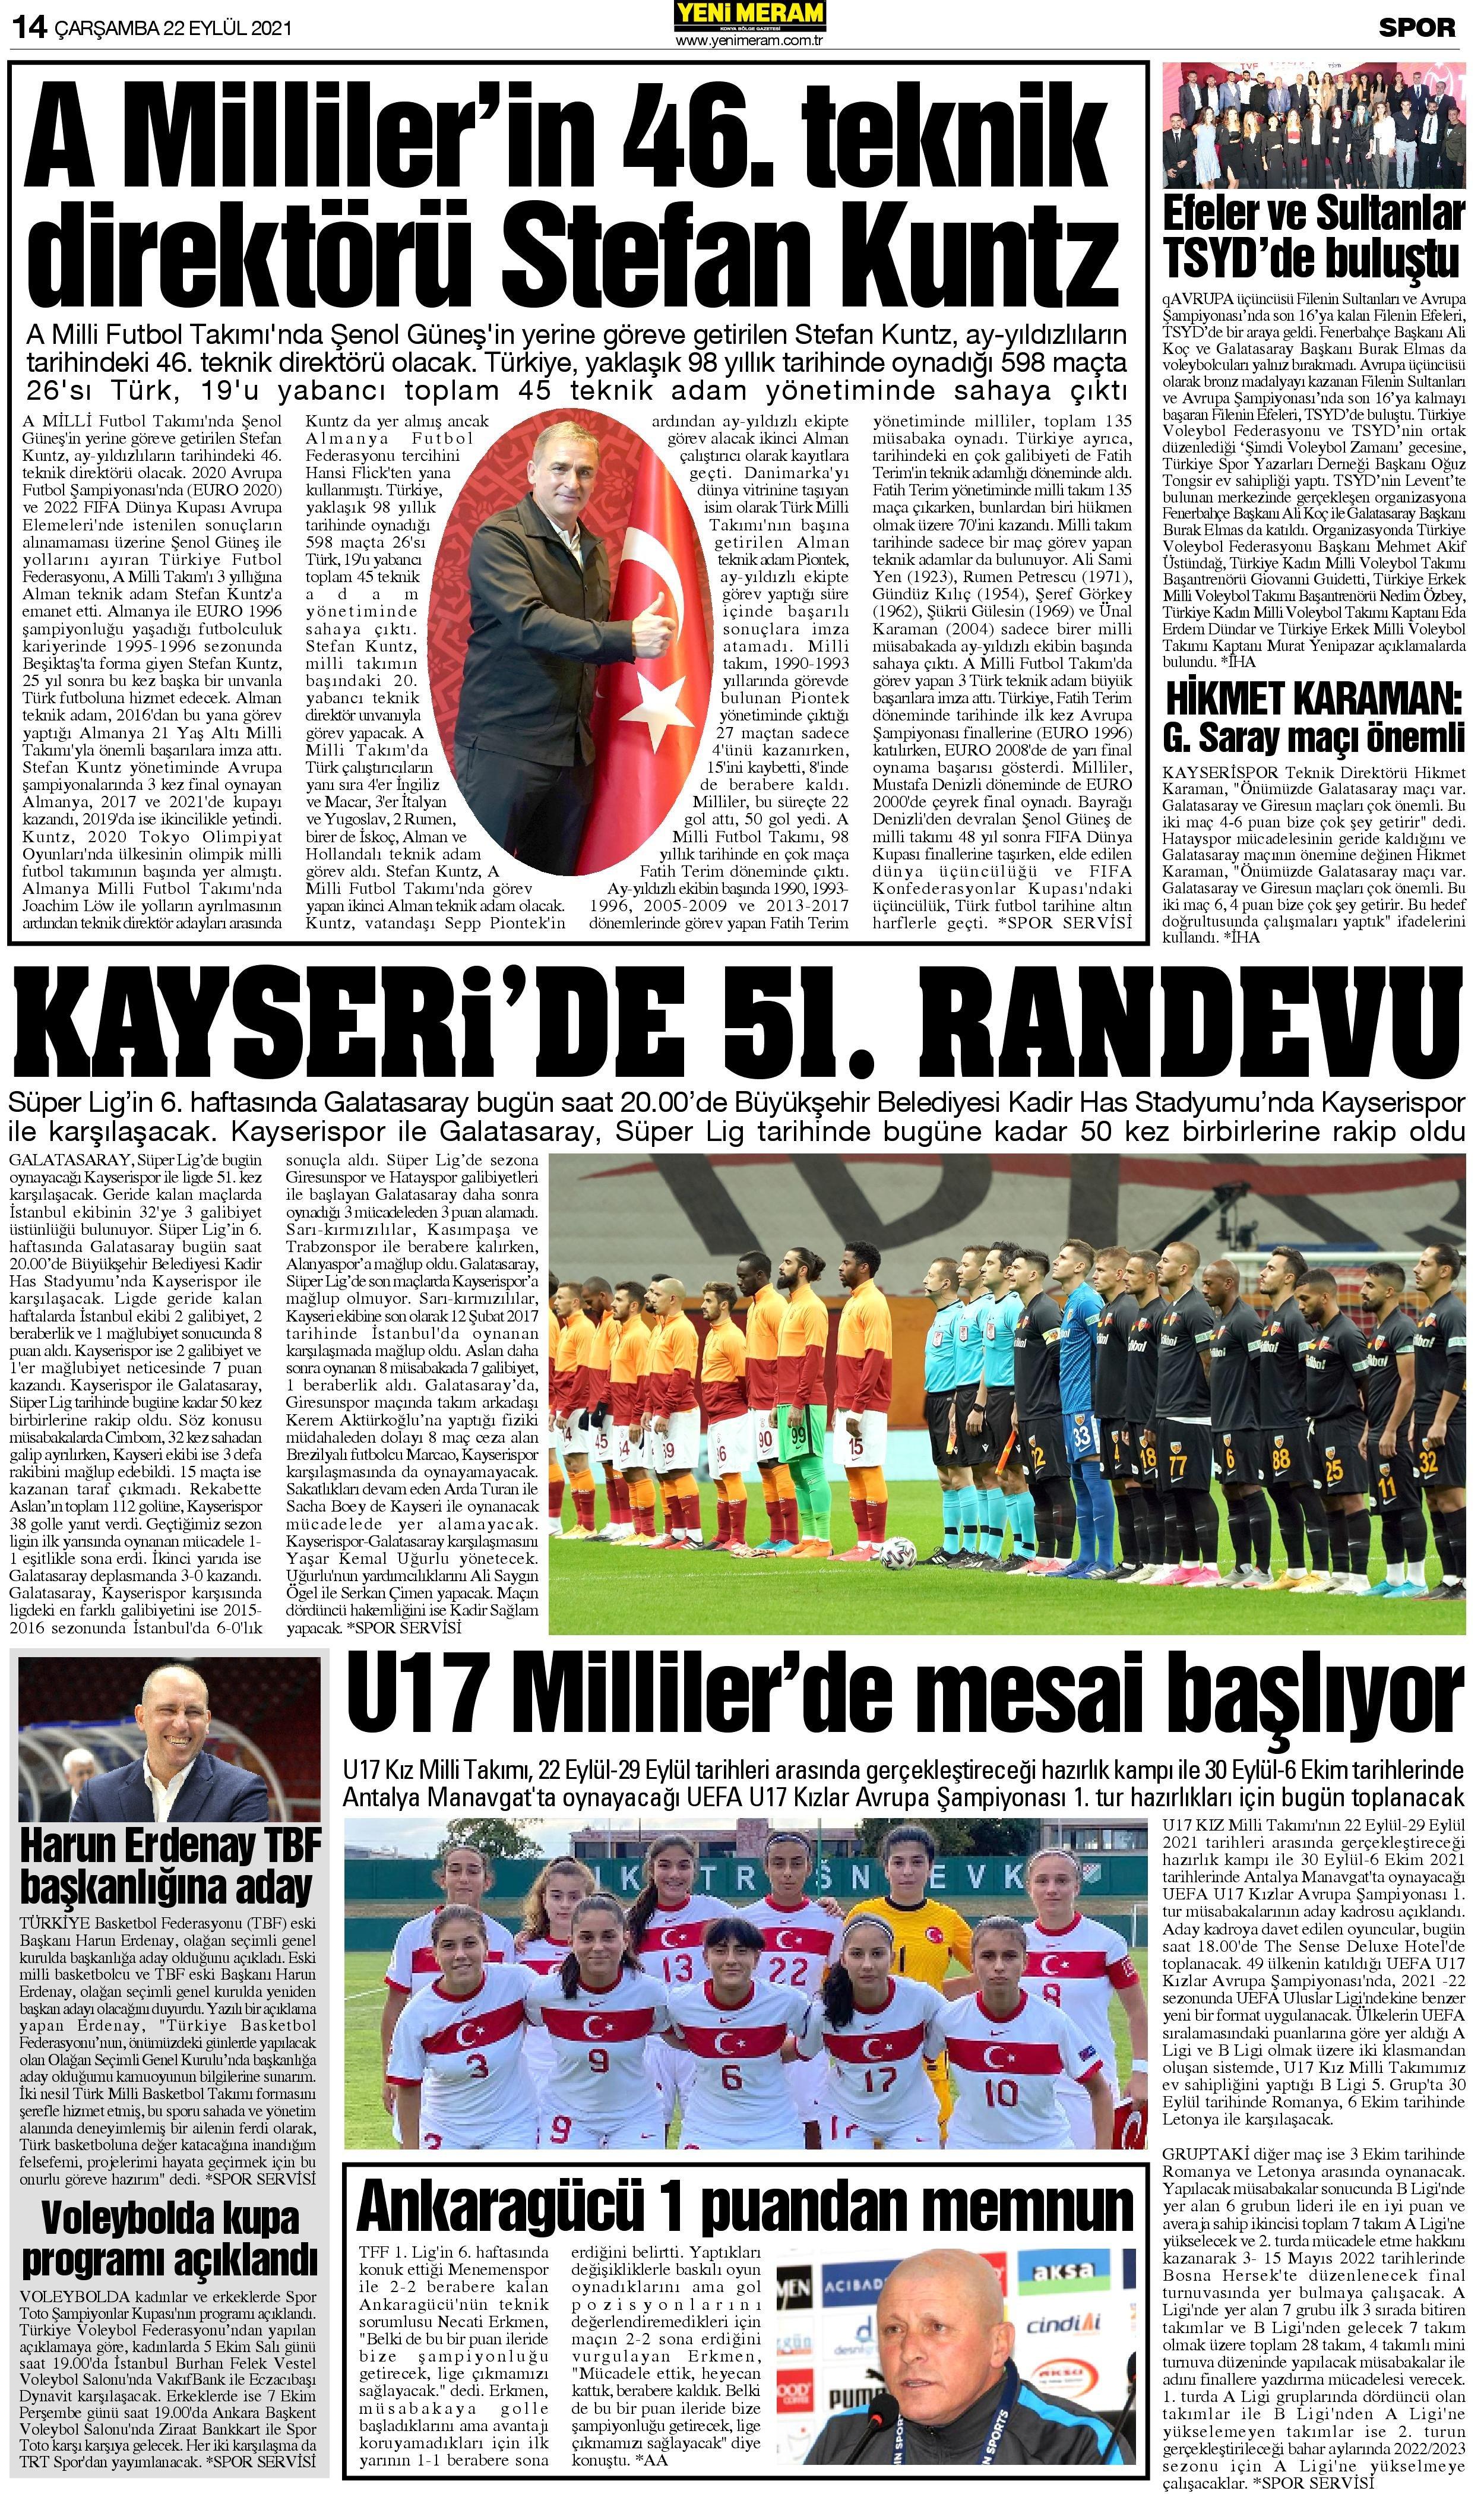 22 Eylül 2021 Yeni Meram Gazetesi